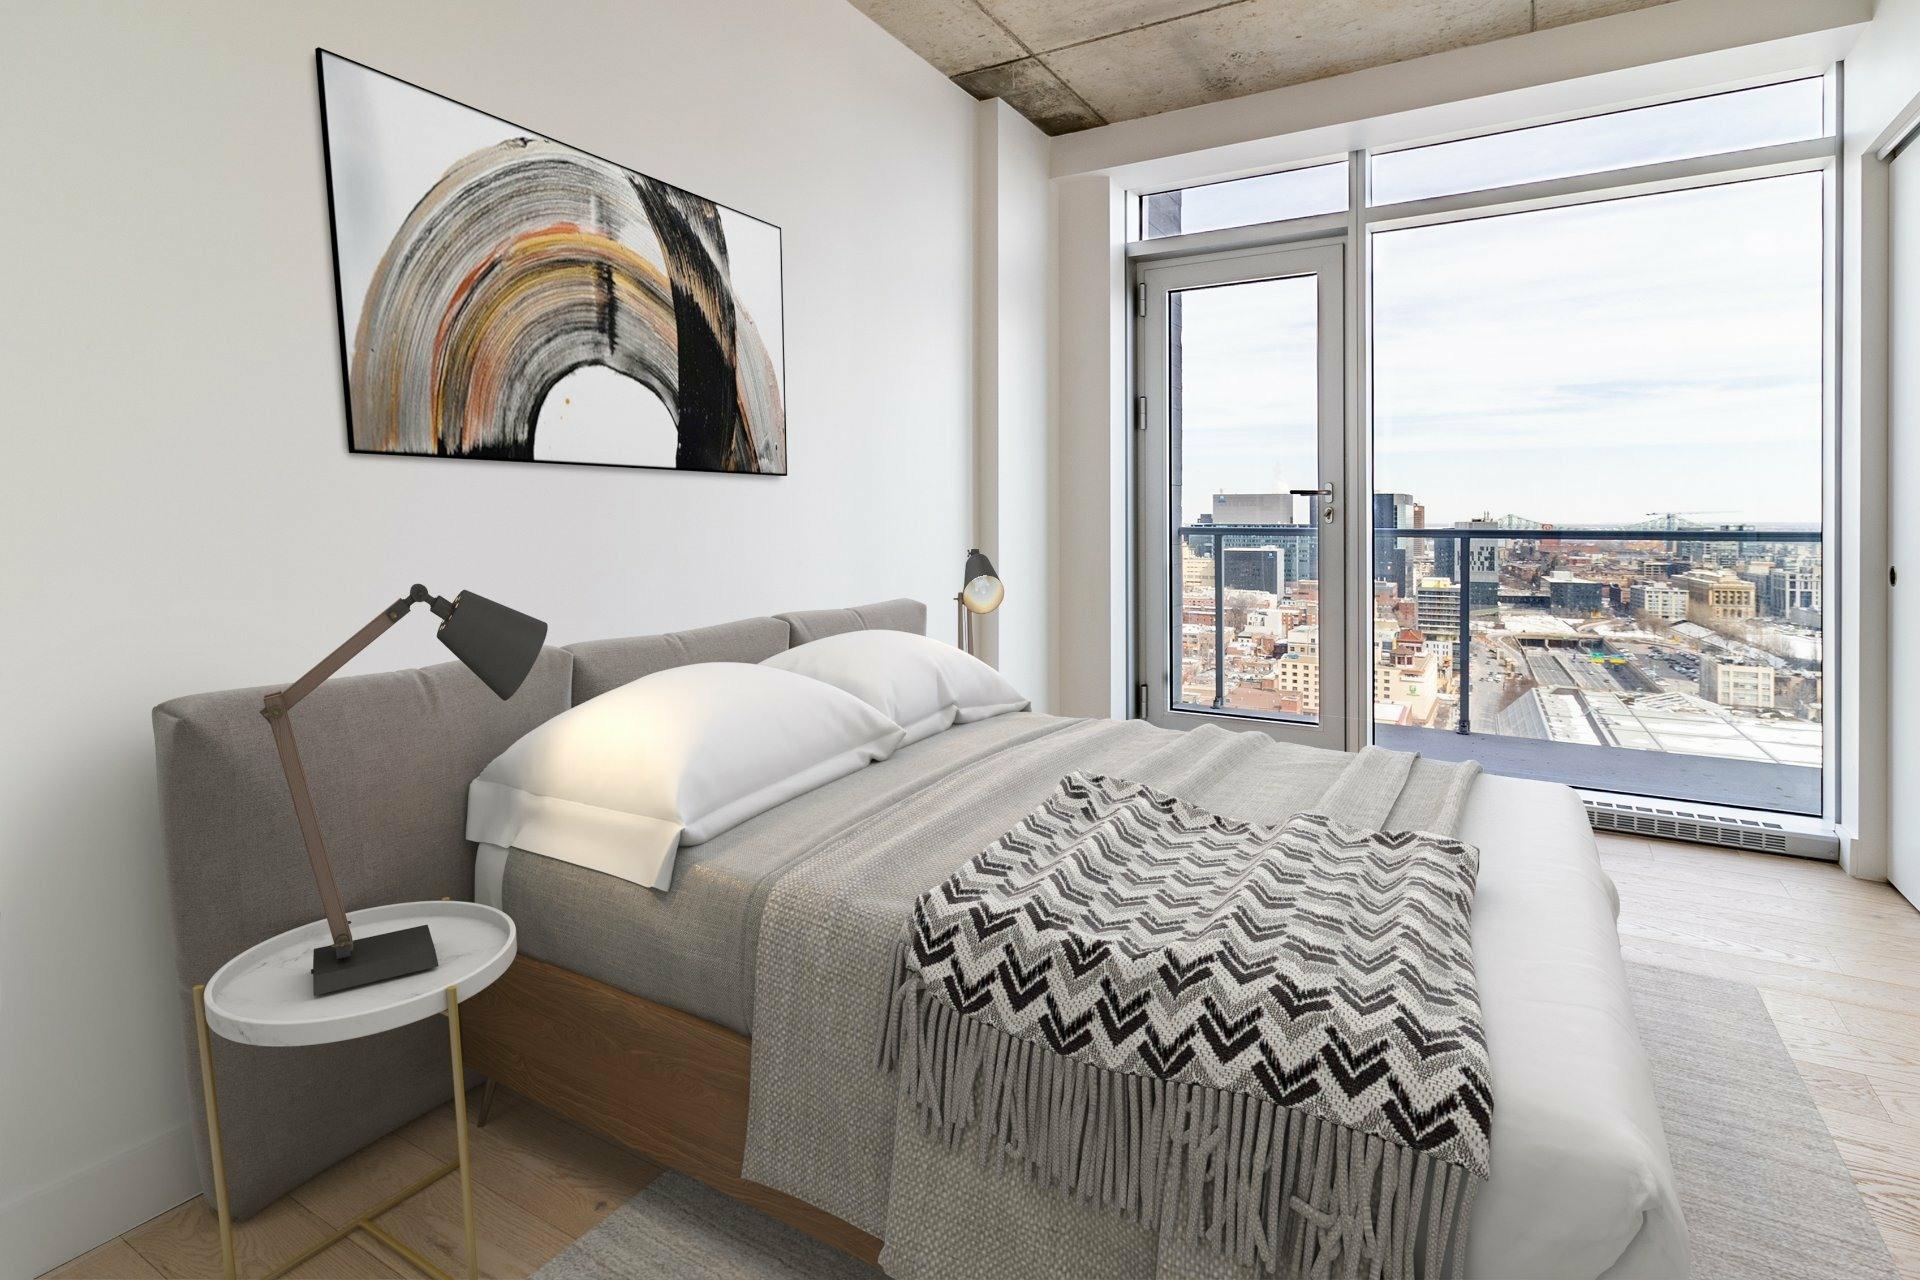 image 3 - Appartement À louer Ville-Marie Montréal  - 9 pièces